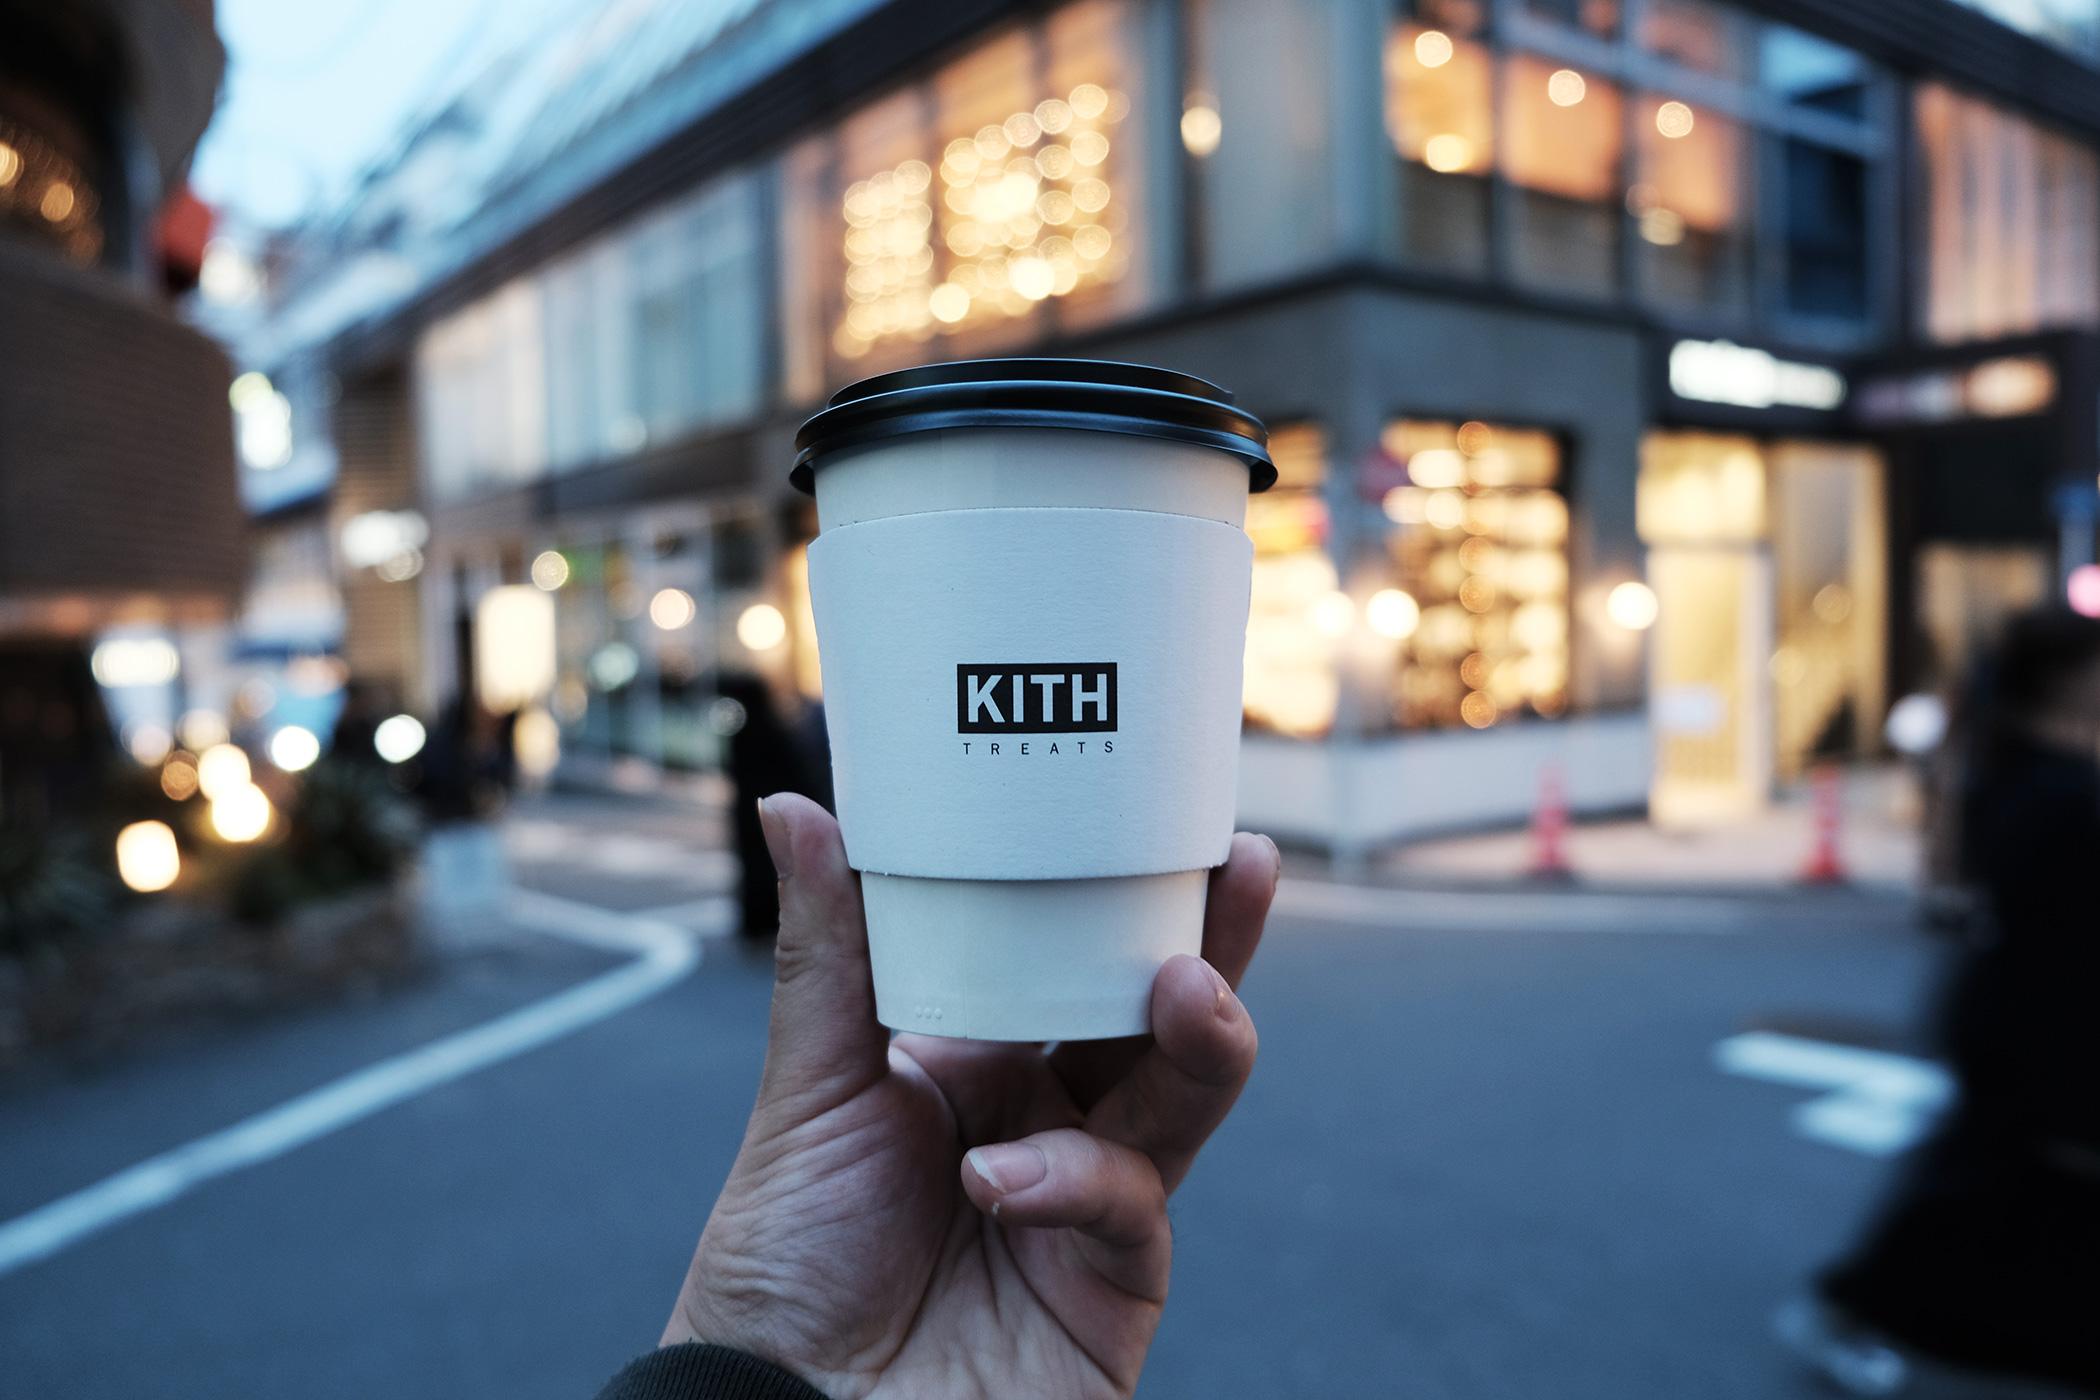 KITH Treats Tokyo あのシリアルバーがコーヒーをリリース